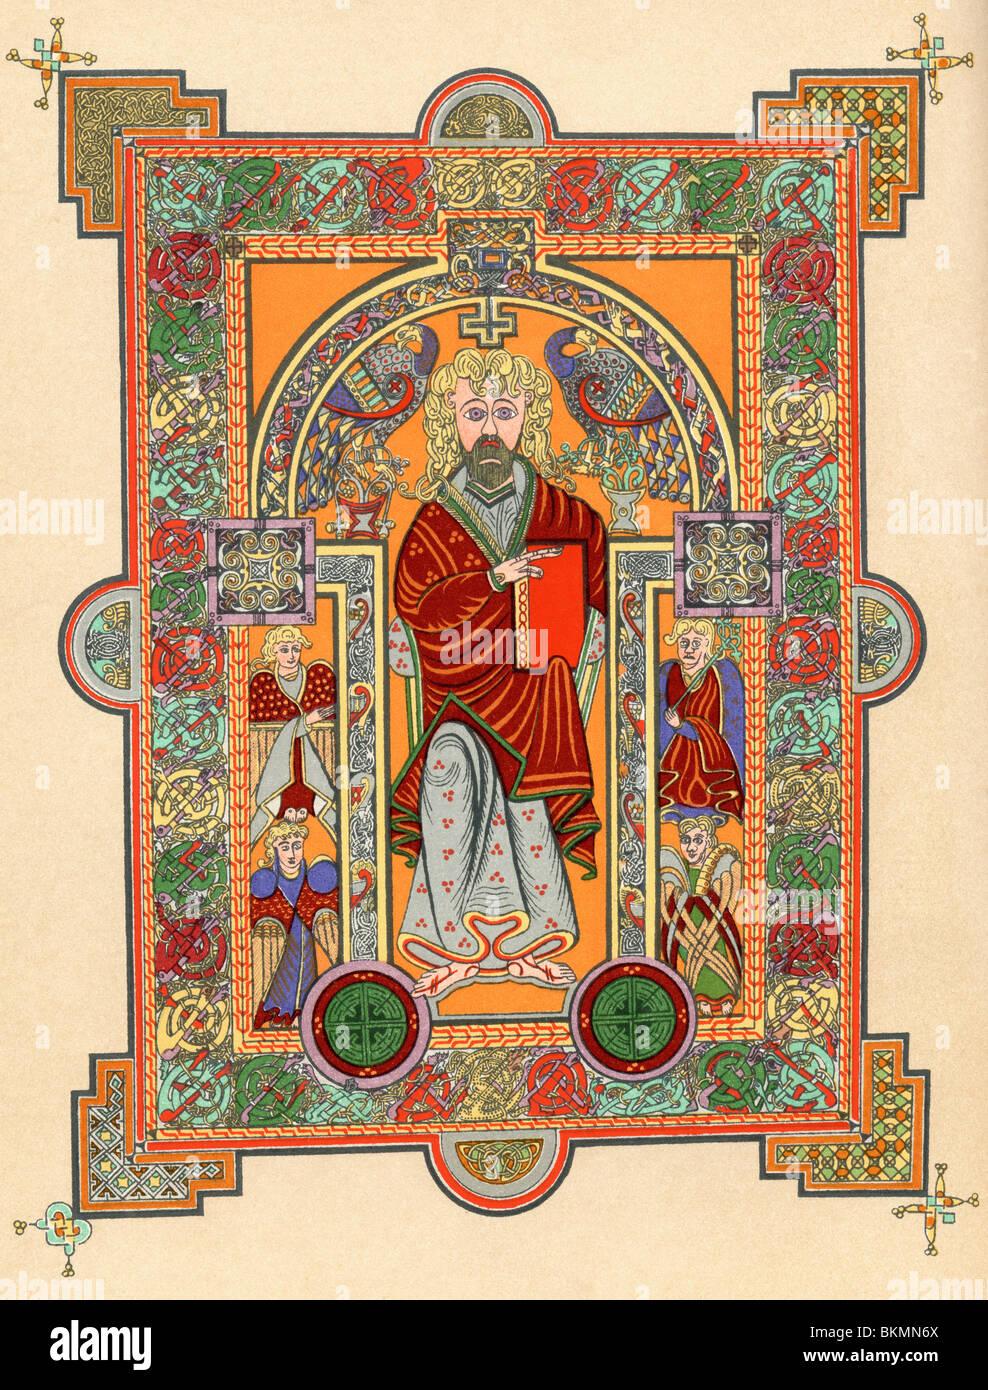 Christus mit vier Engeln, einleitende Seite an der St. Matthäus-Evangelium, aus dem Book of Kells, c.800. Stockbild